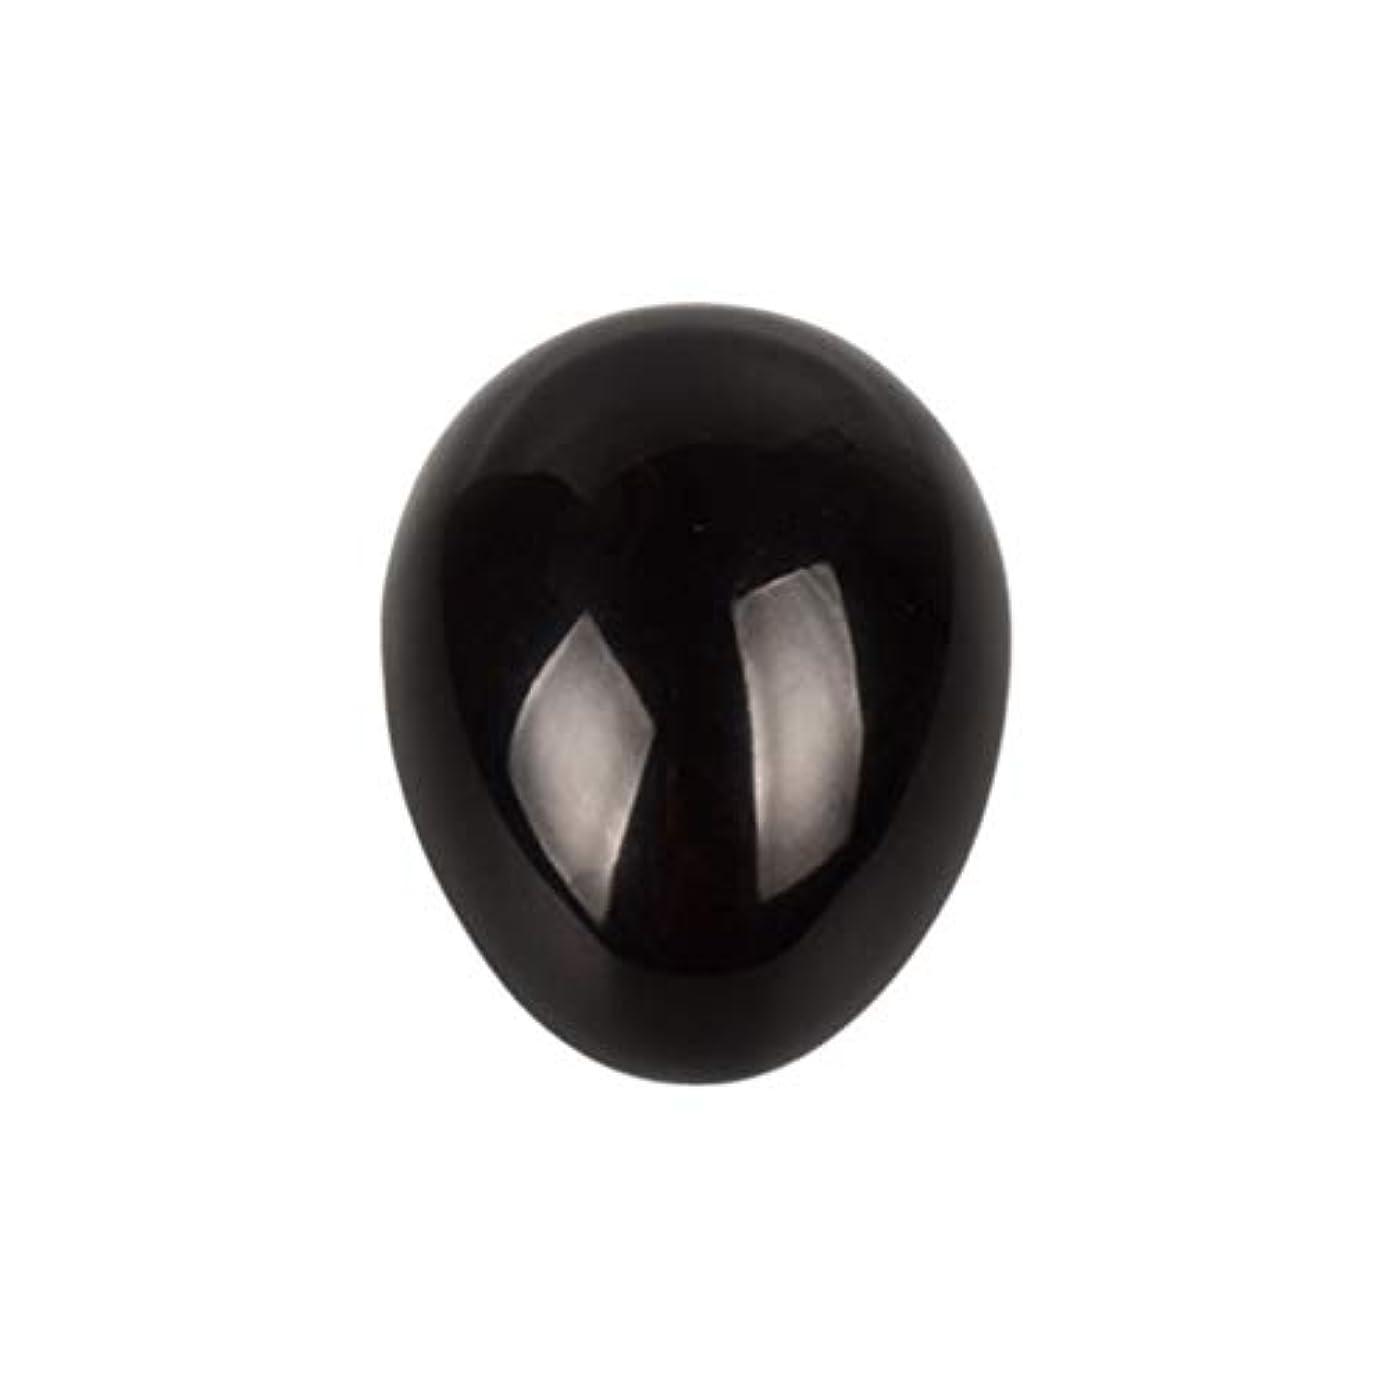 認識衣装測定Healifty 癒しの瞑想のための黒い黒曜石の宝石の卵球チャクラのバランスと家の装飾45 * 30 * 30ミリメートル